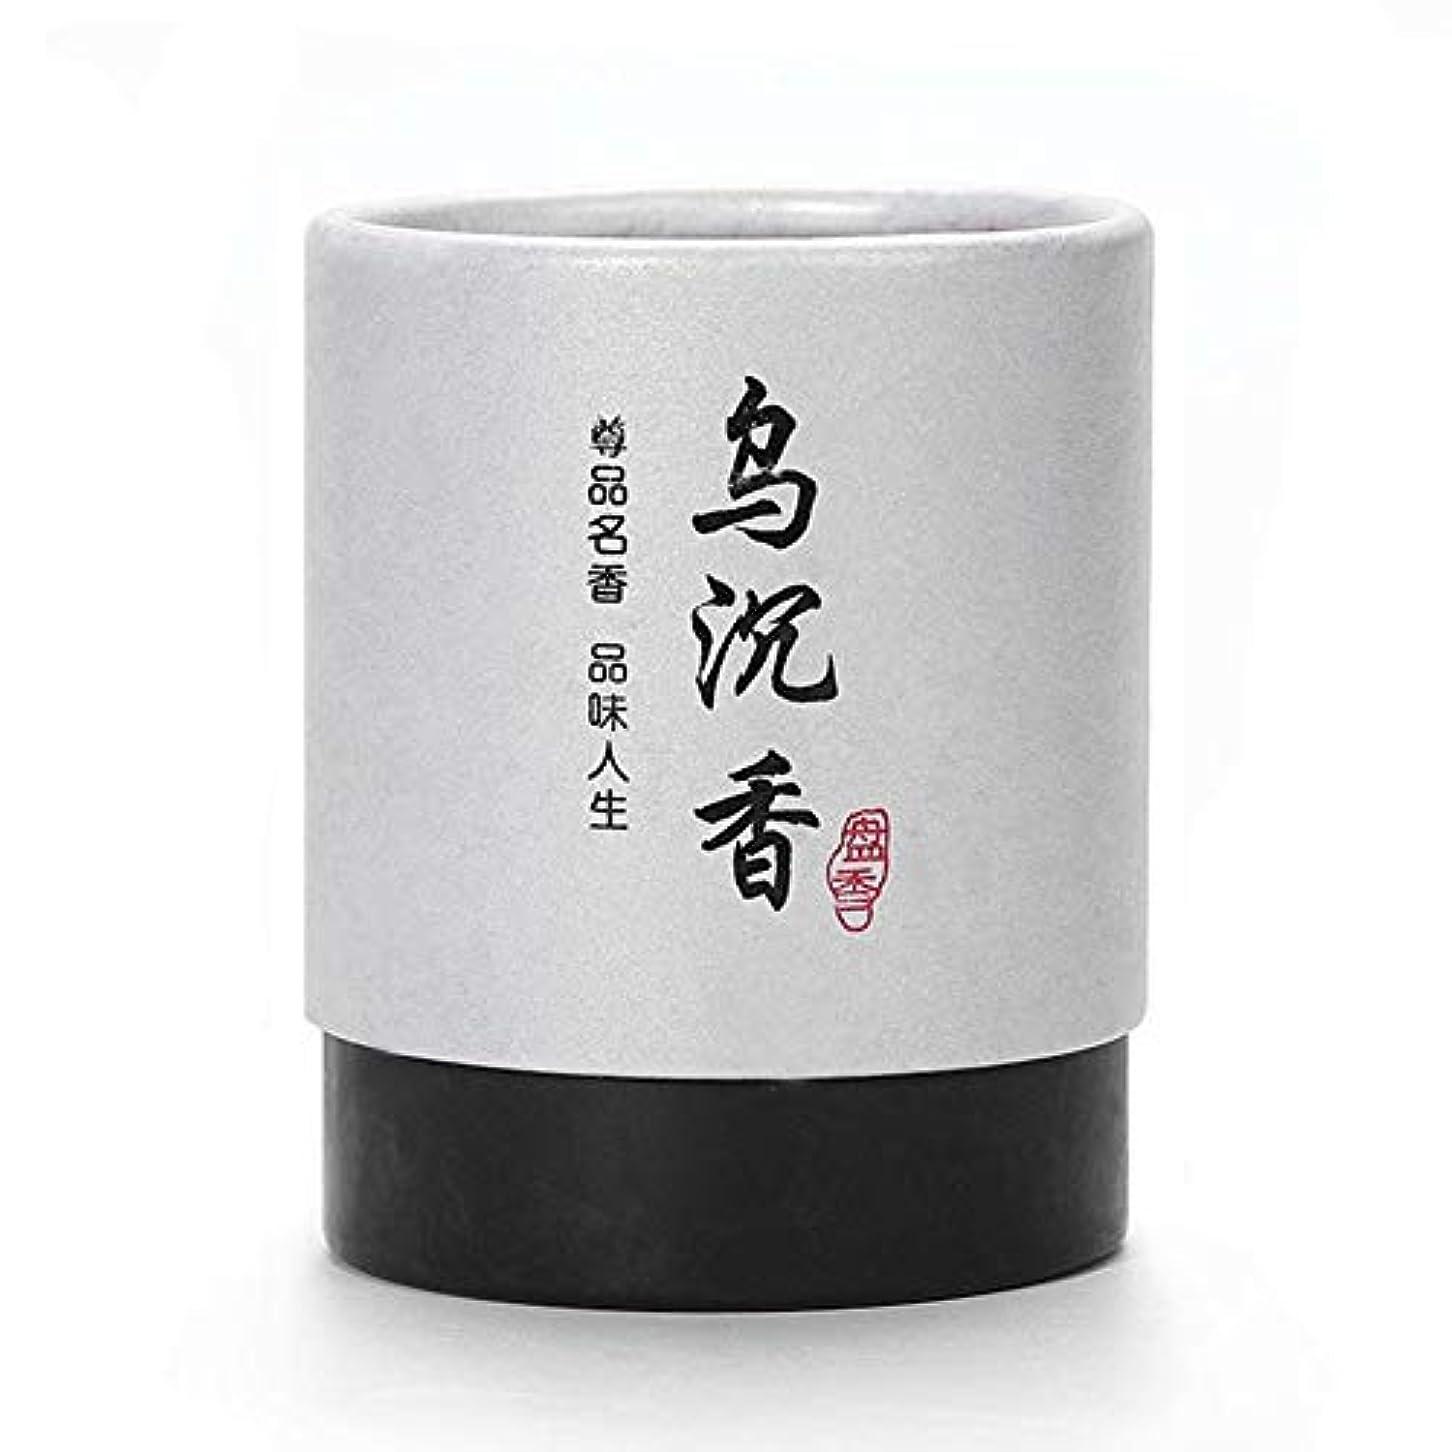 協会迷信名詞HwaGui お香 2時間 ビャクダン 盤香 渦巻き線香 優しい香り 48巻入 沉香 (乌沈香)